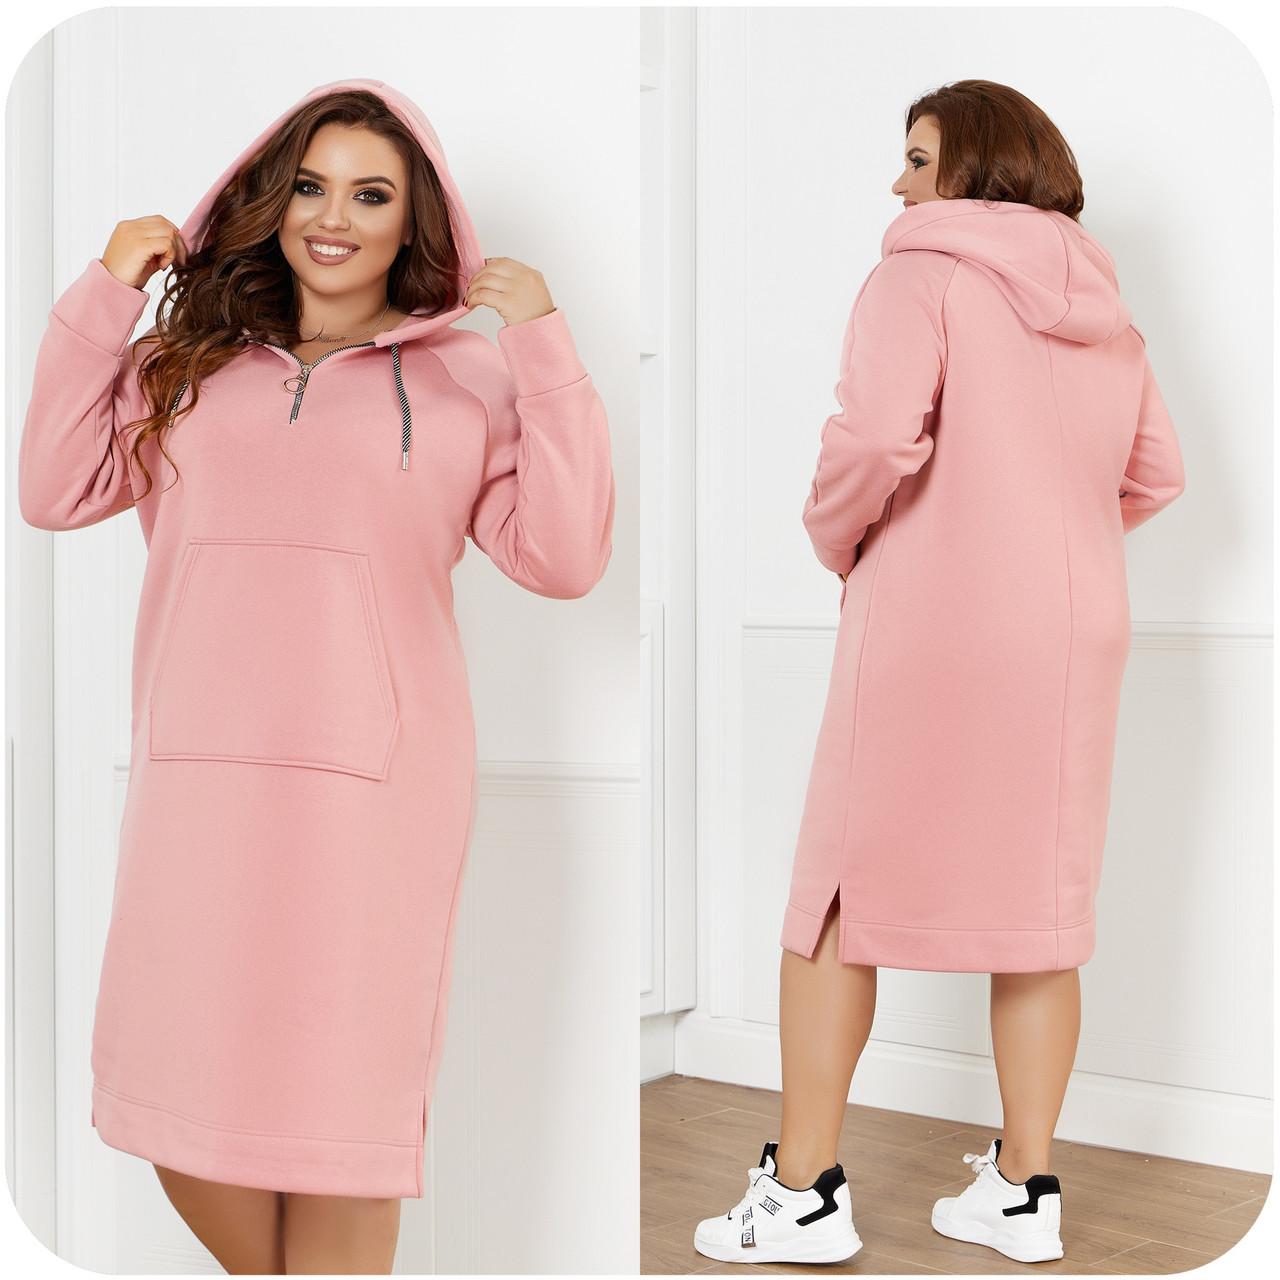 Теплое с начесом спортивного стиля платье с капюшоном и карманом спереди, батал большие размеры